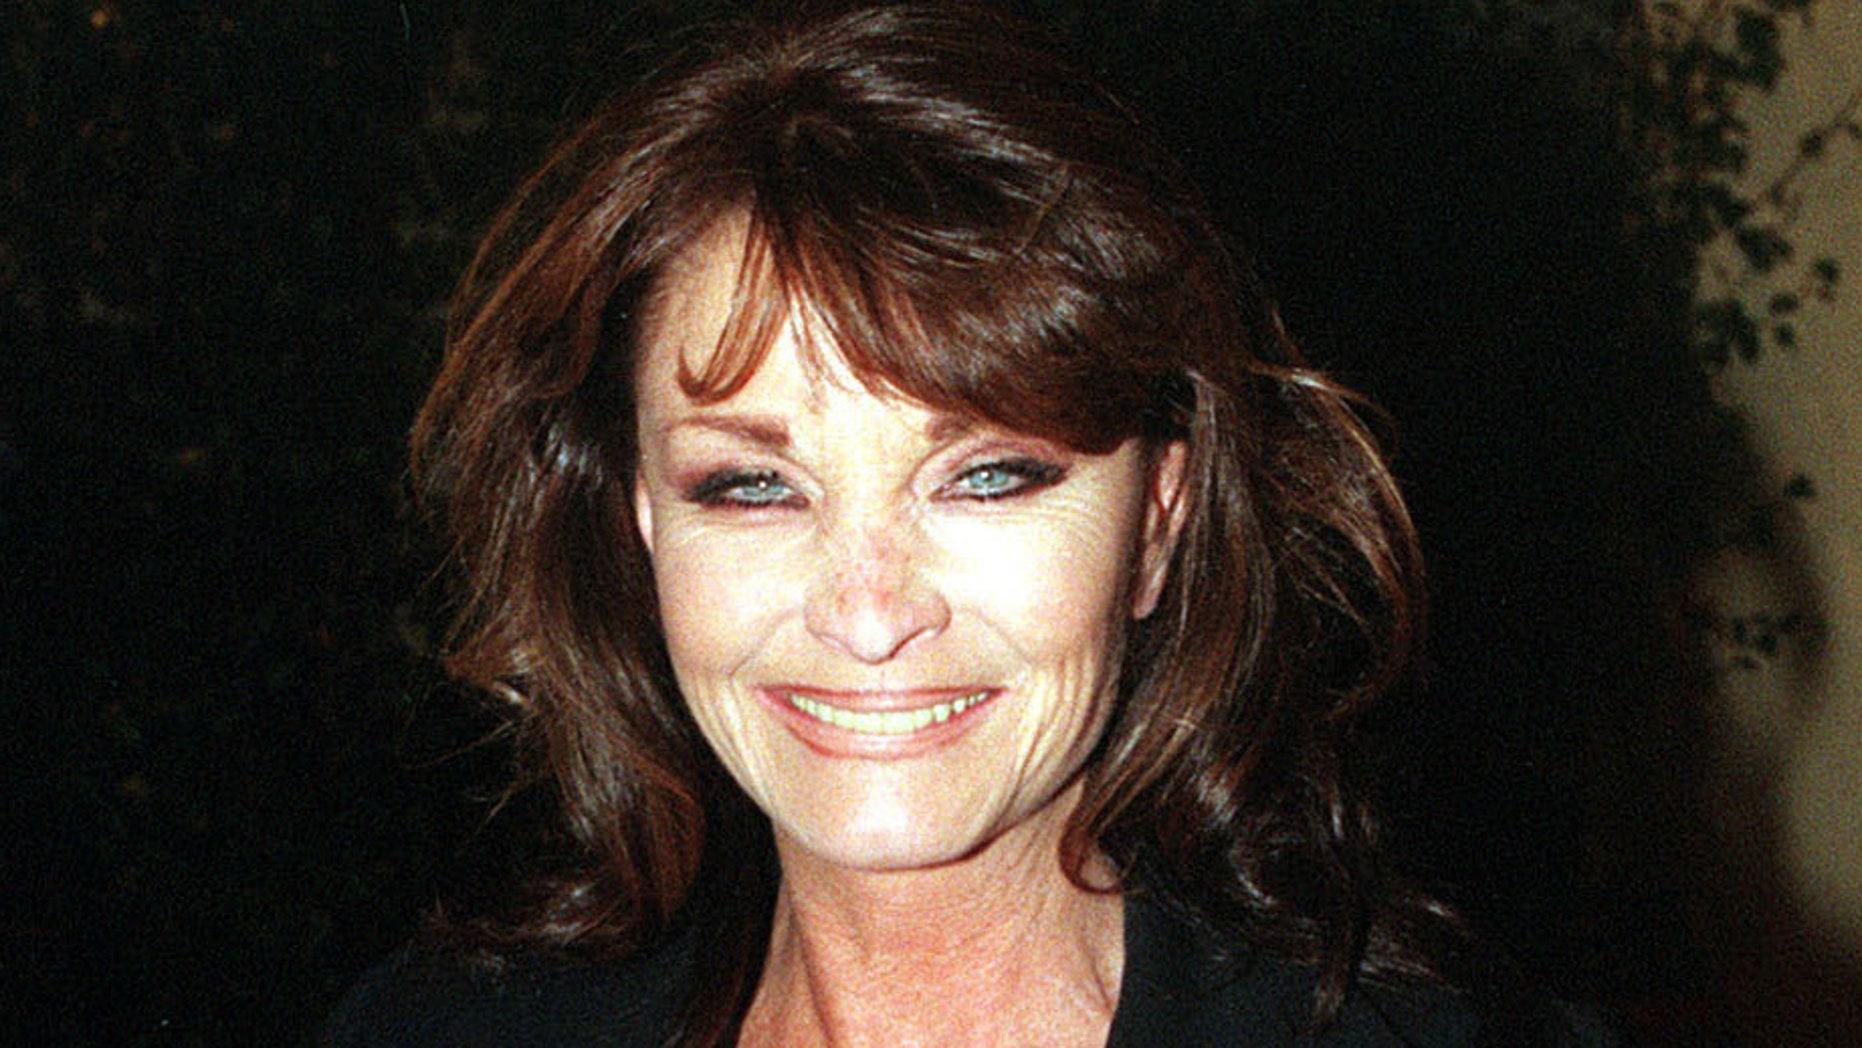 Kate Collins (actress)